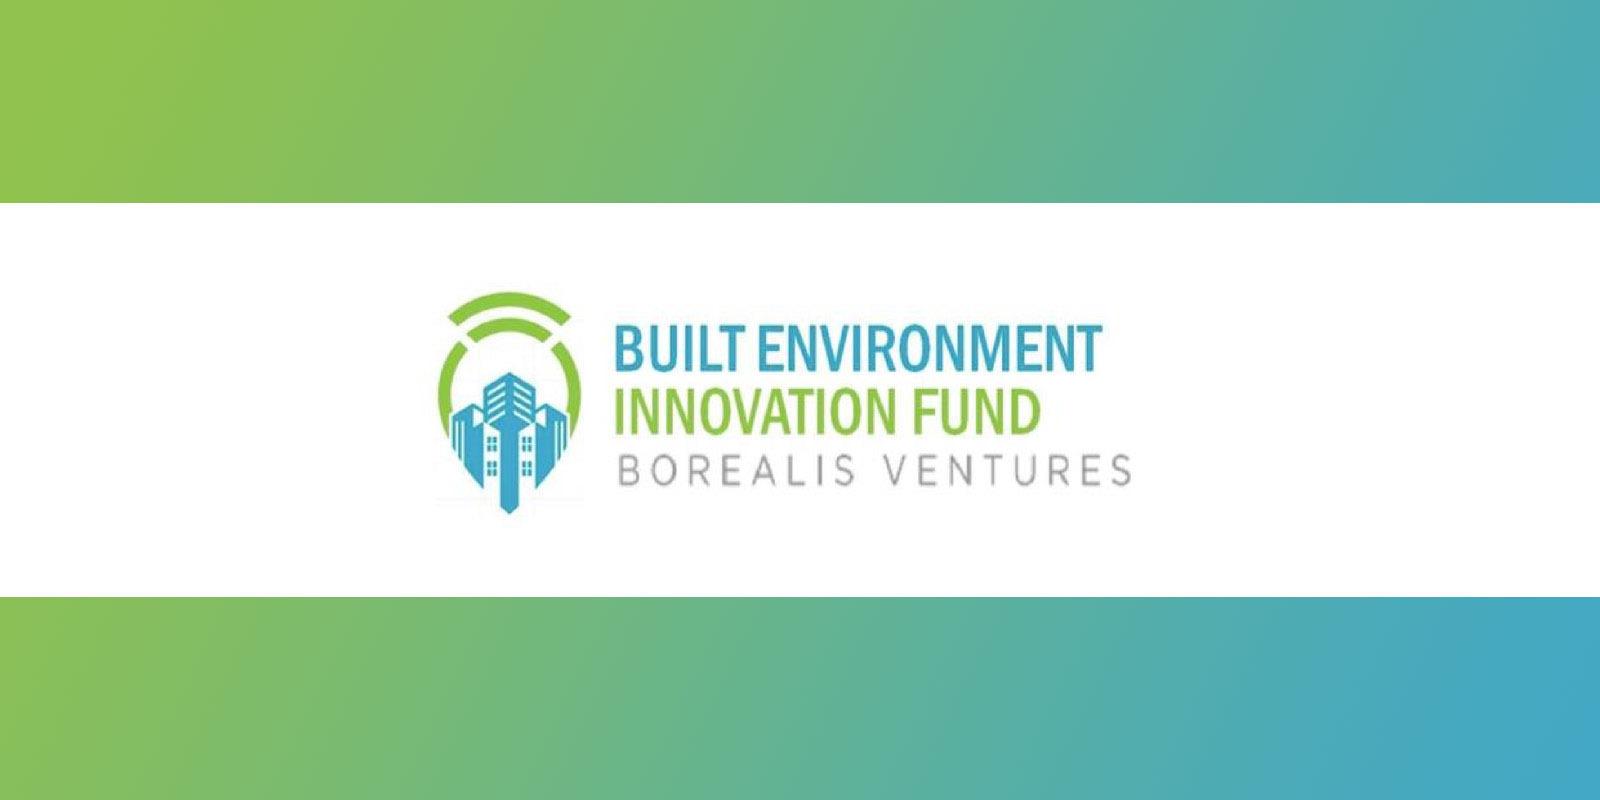 Built Environment Innovation Fund